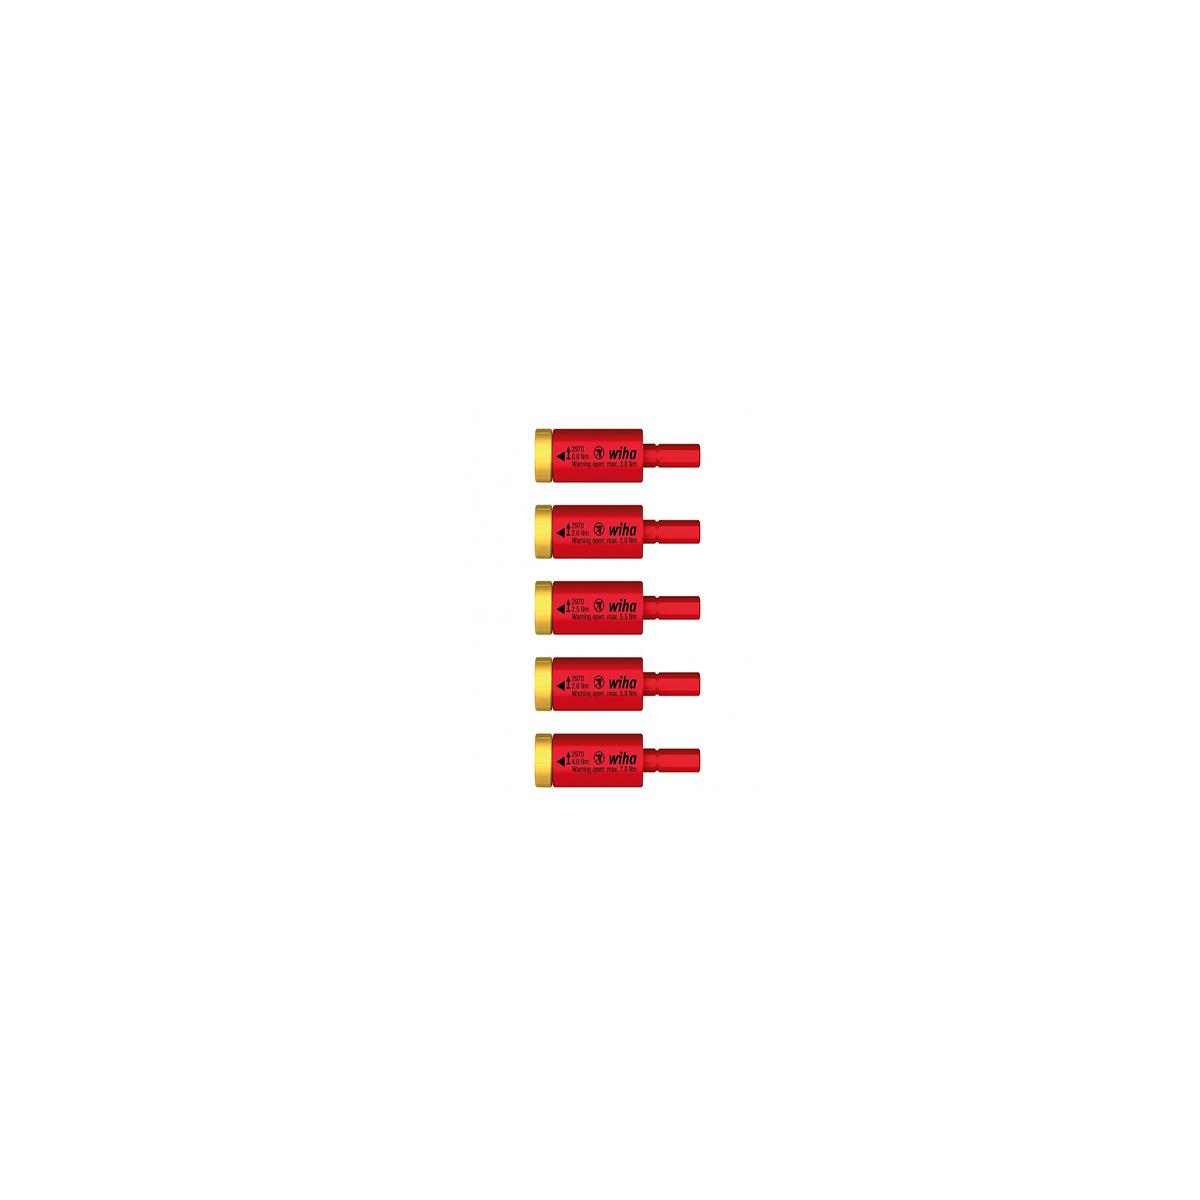 Zestaw adapterów dynamometrycznych easyTorque electric 29701 S5 Zestaw adapterów dynamometrycznych easyTorque electric Wiha - 41479